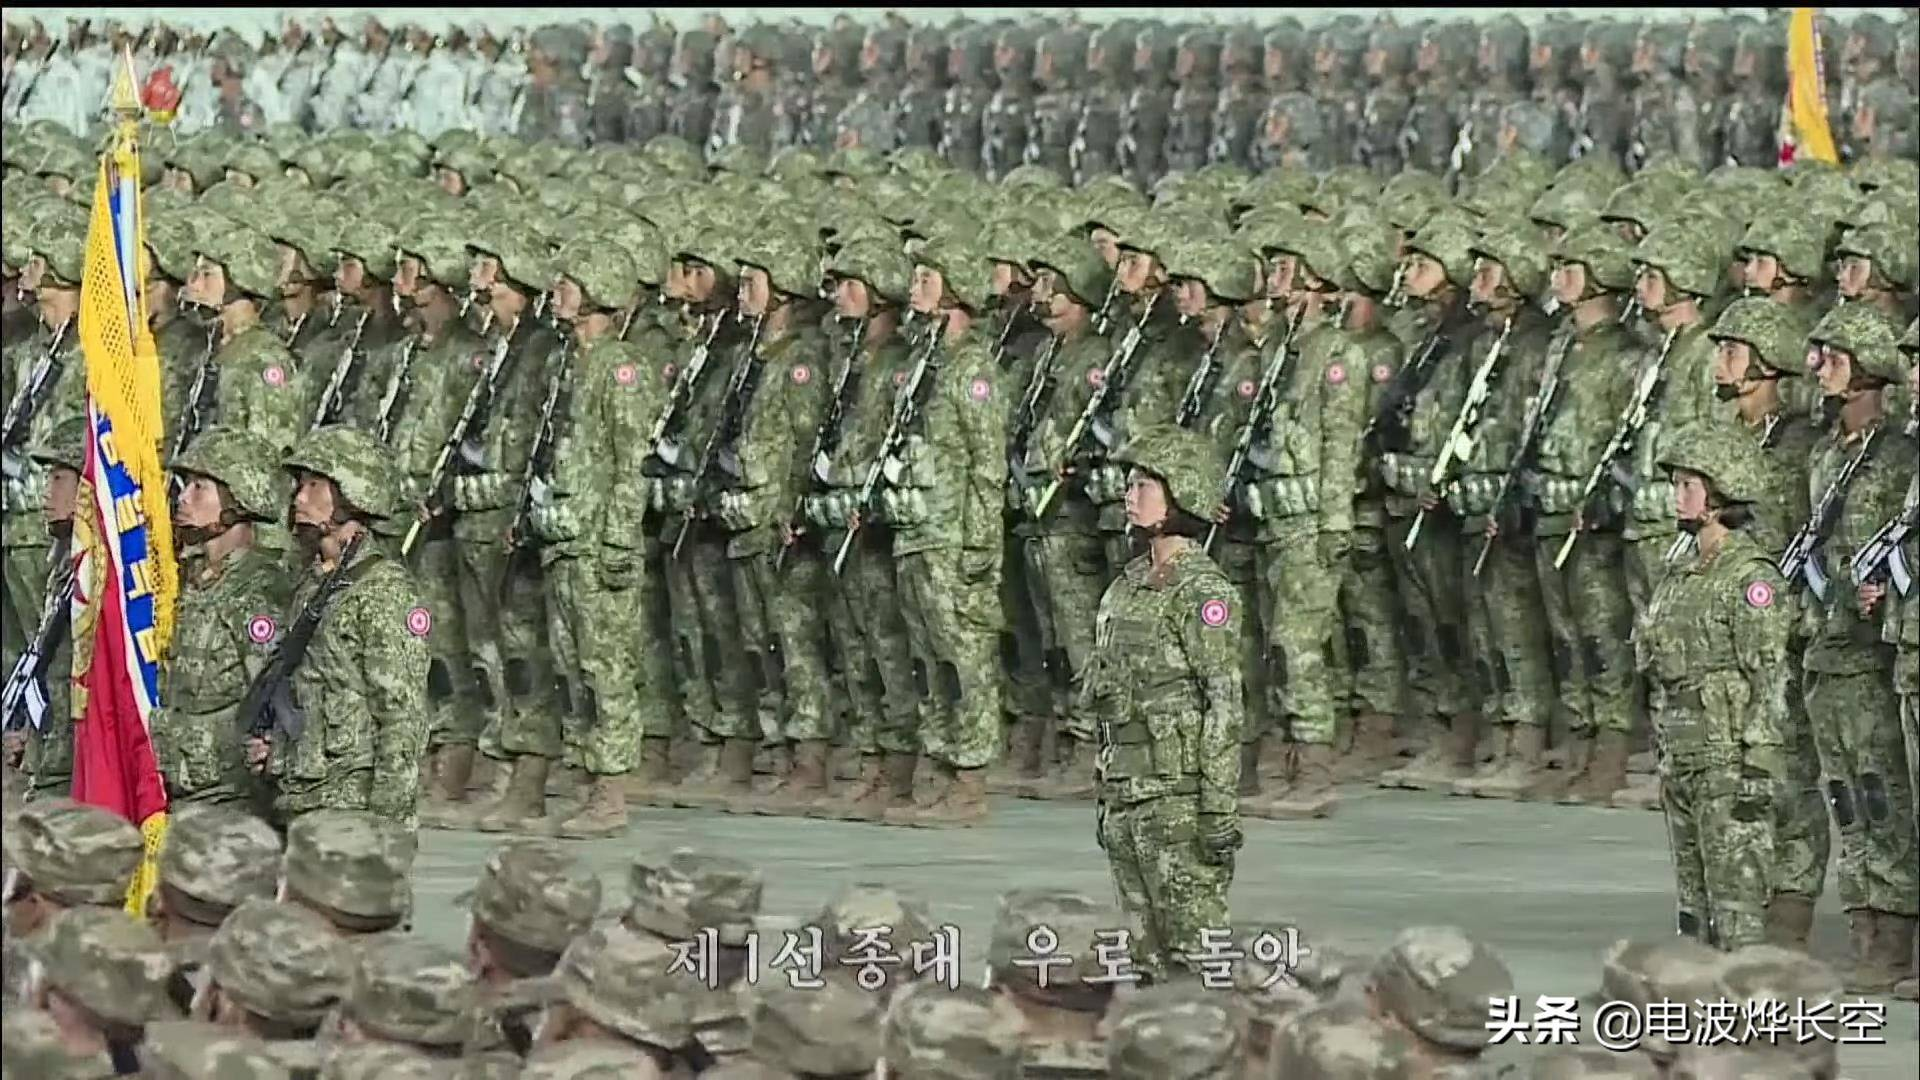 不再土气!朝鲜人民军五款新数码迷彩亮相,时尚价值不失星空迷彩